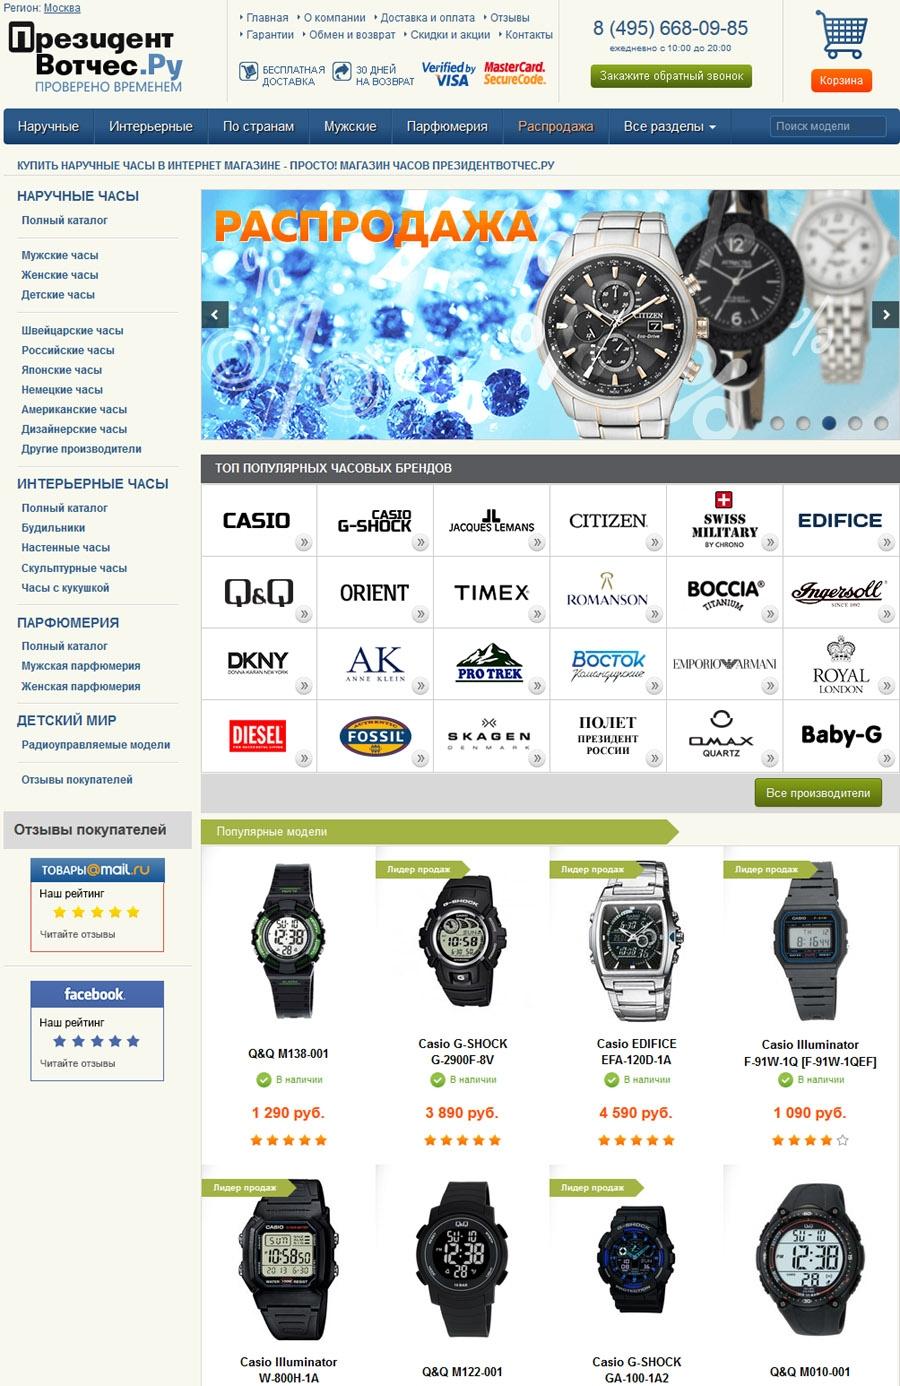 Интернет Магазин Часов Дизель Официальный Сайт